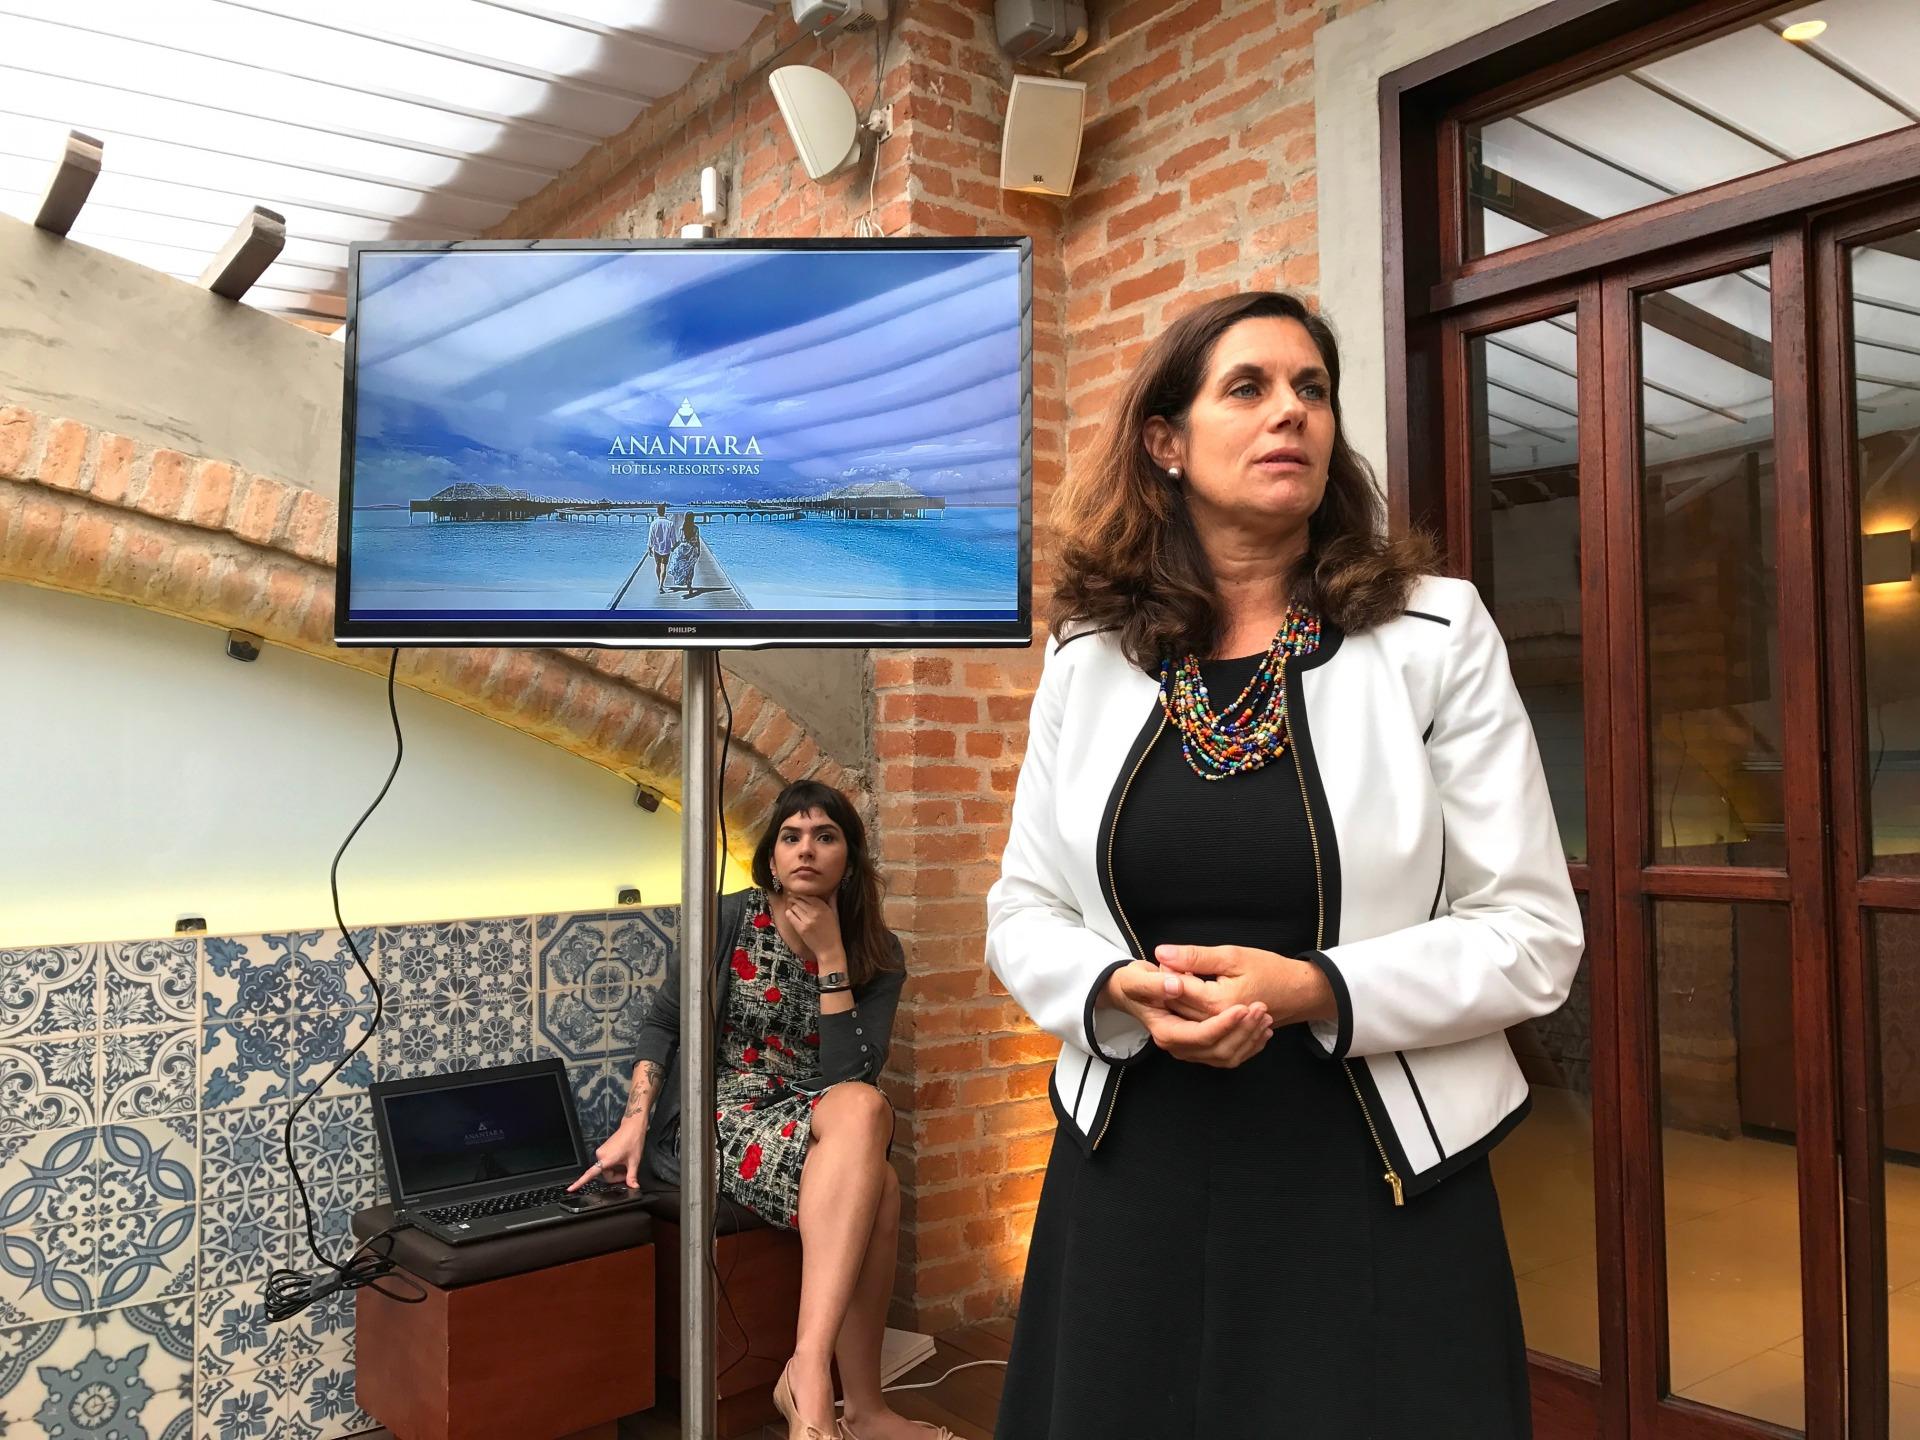 Em seguida foi a vez de Rita Machado apresentar todo o portfolio global da Minor Hotels e destacar as novidades da bandeira Tivoli em Portugal